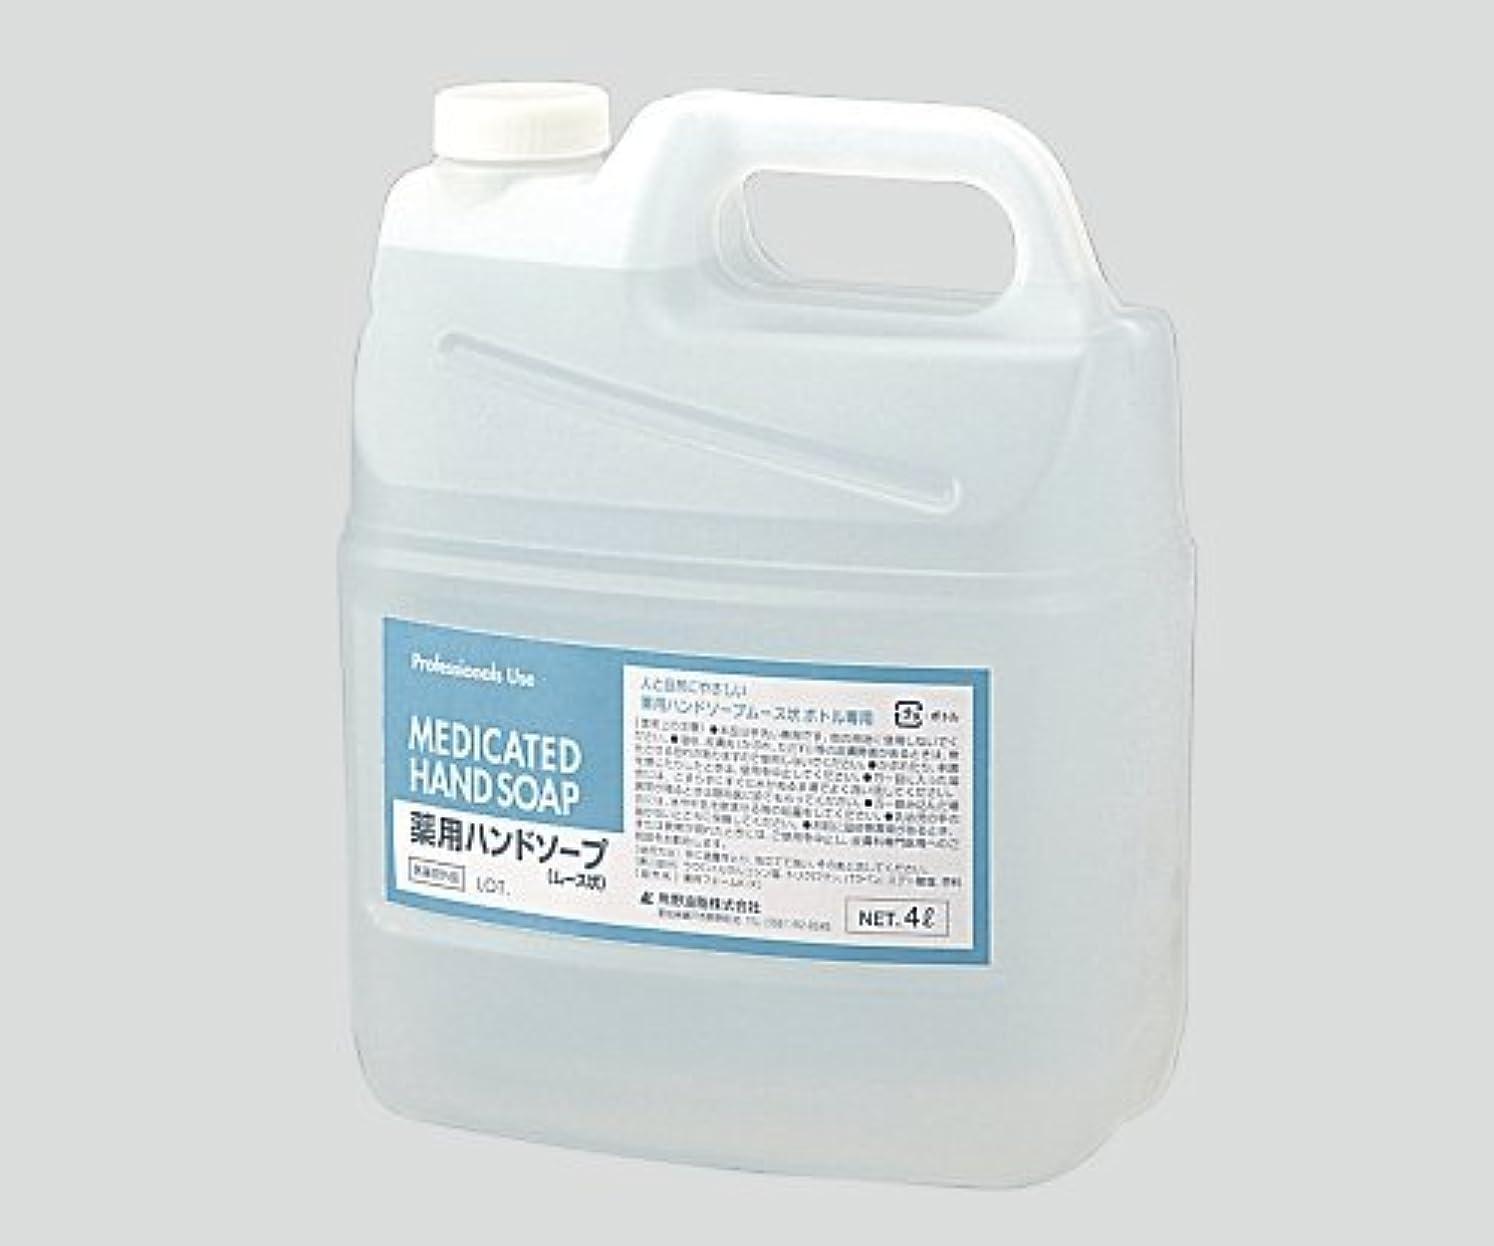 オピエートカプラーインテリア8-6279-11セディア薬用ハンドソープ(泡タイプ)4L